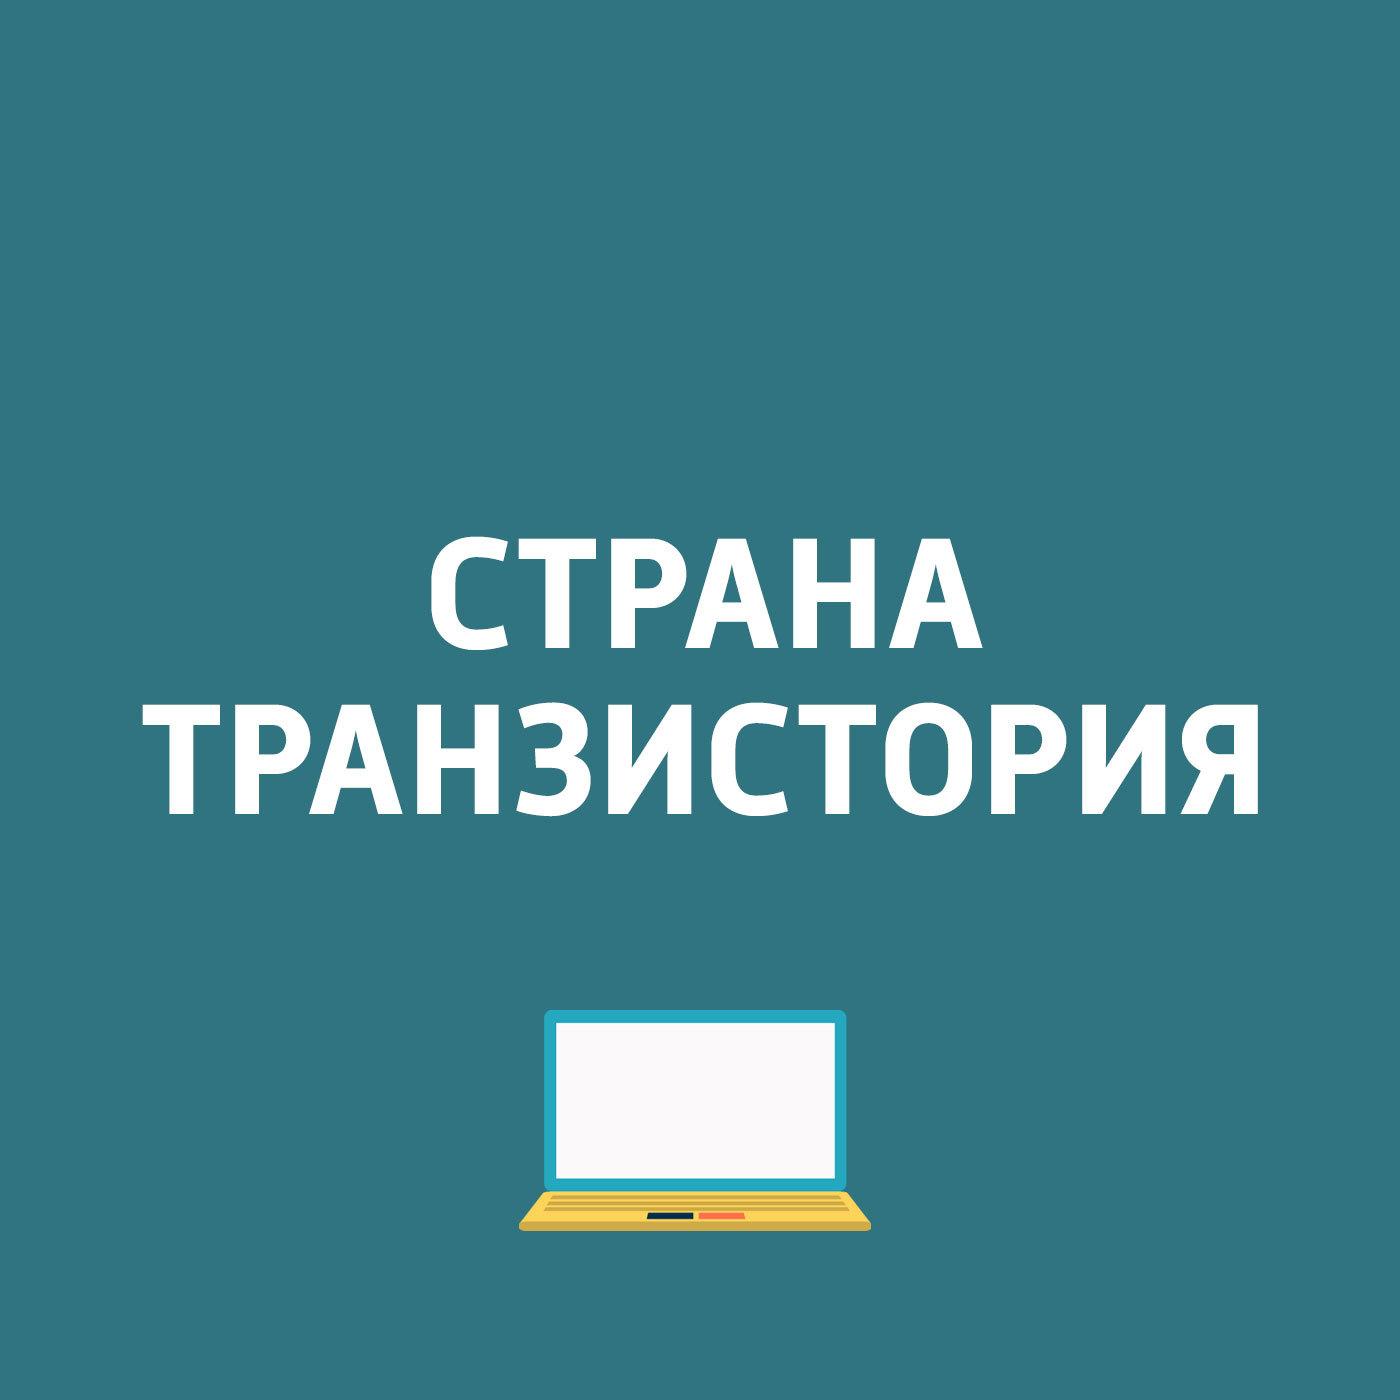 Картаев Павел В Инстаграме началось тестирование функции совместных видеотрансляций картаев павел обзор iphone x на youtube badoo определил самого популярного российского мужчину